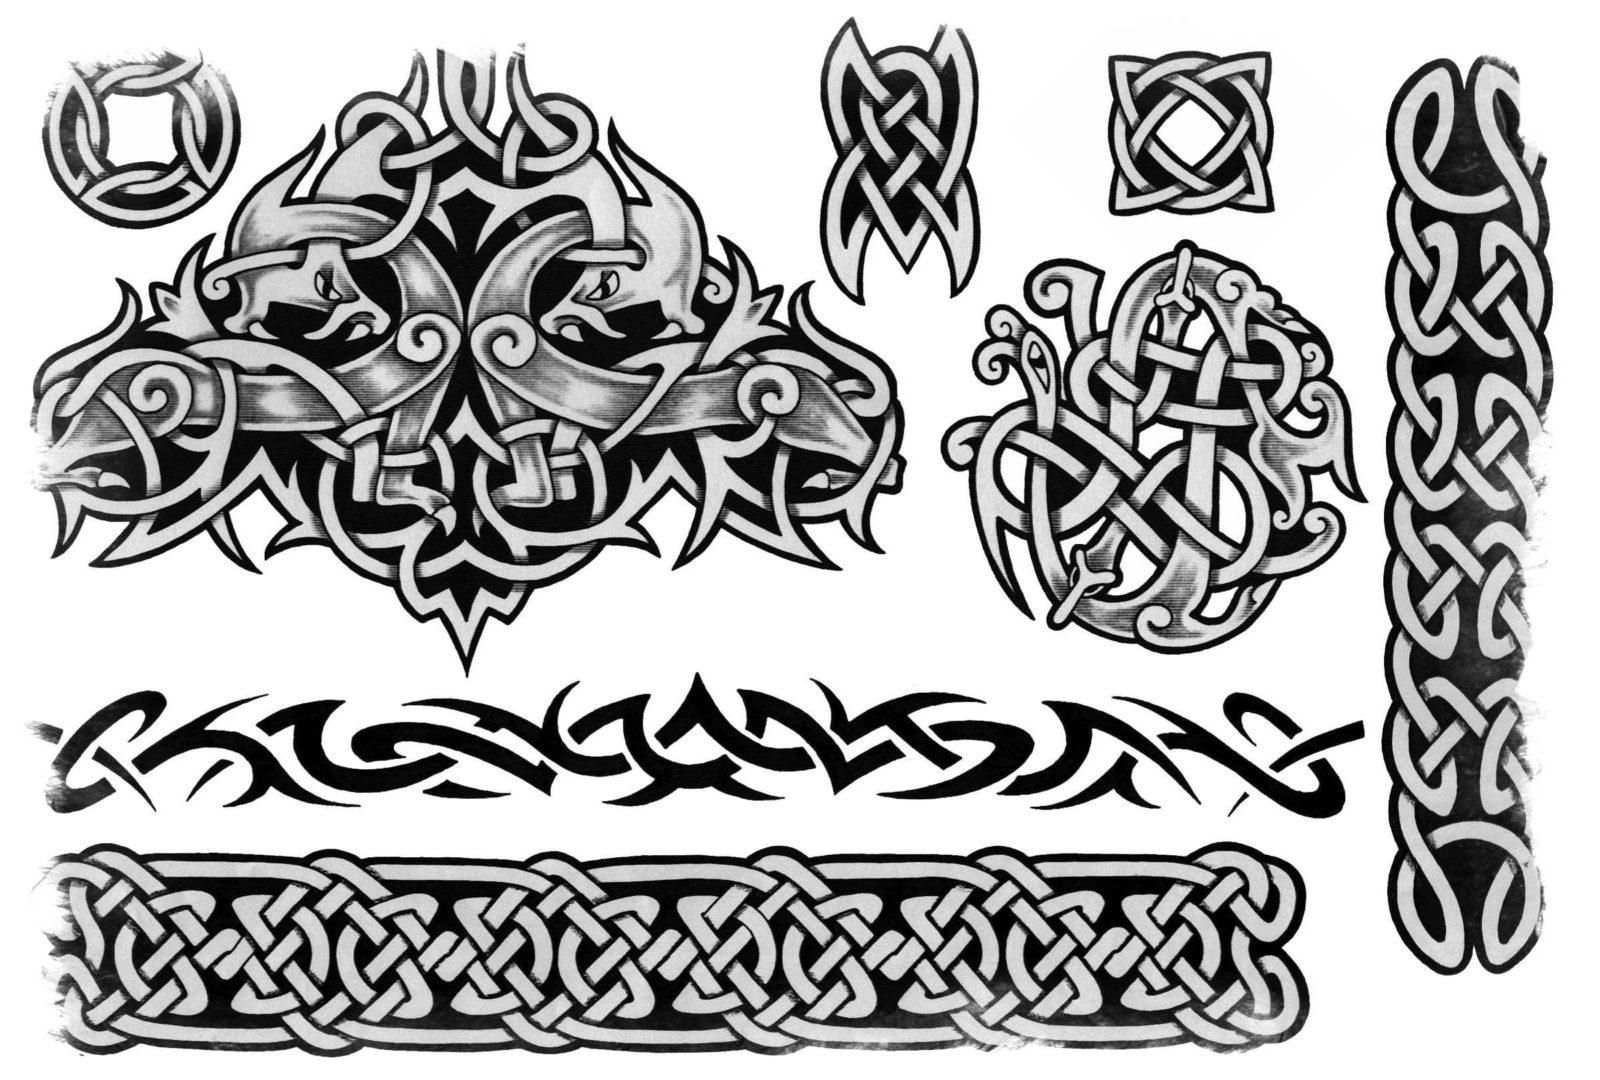 мысли кельтские узоры фото и их обозначения облегчения подбора